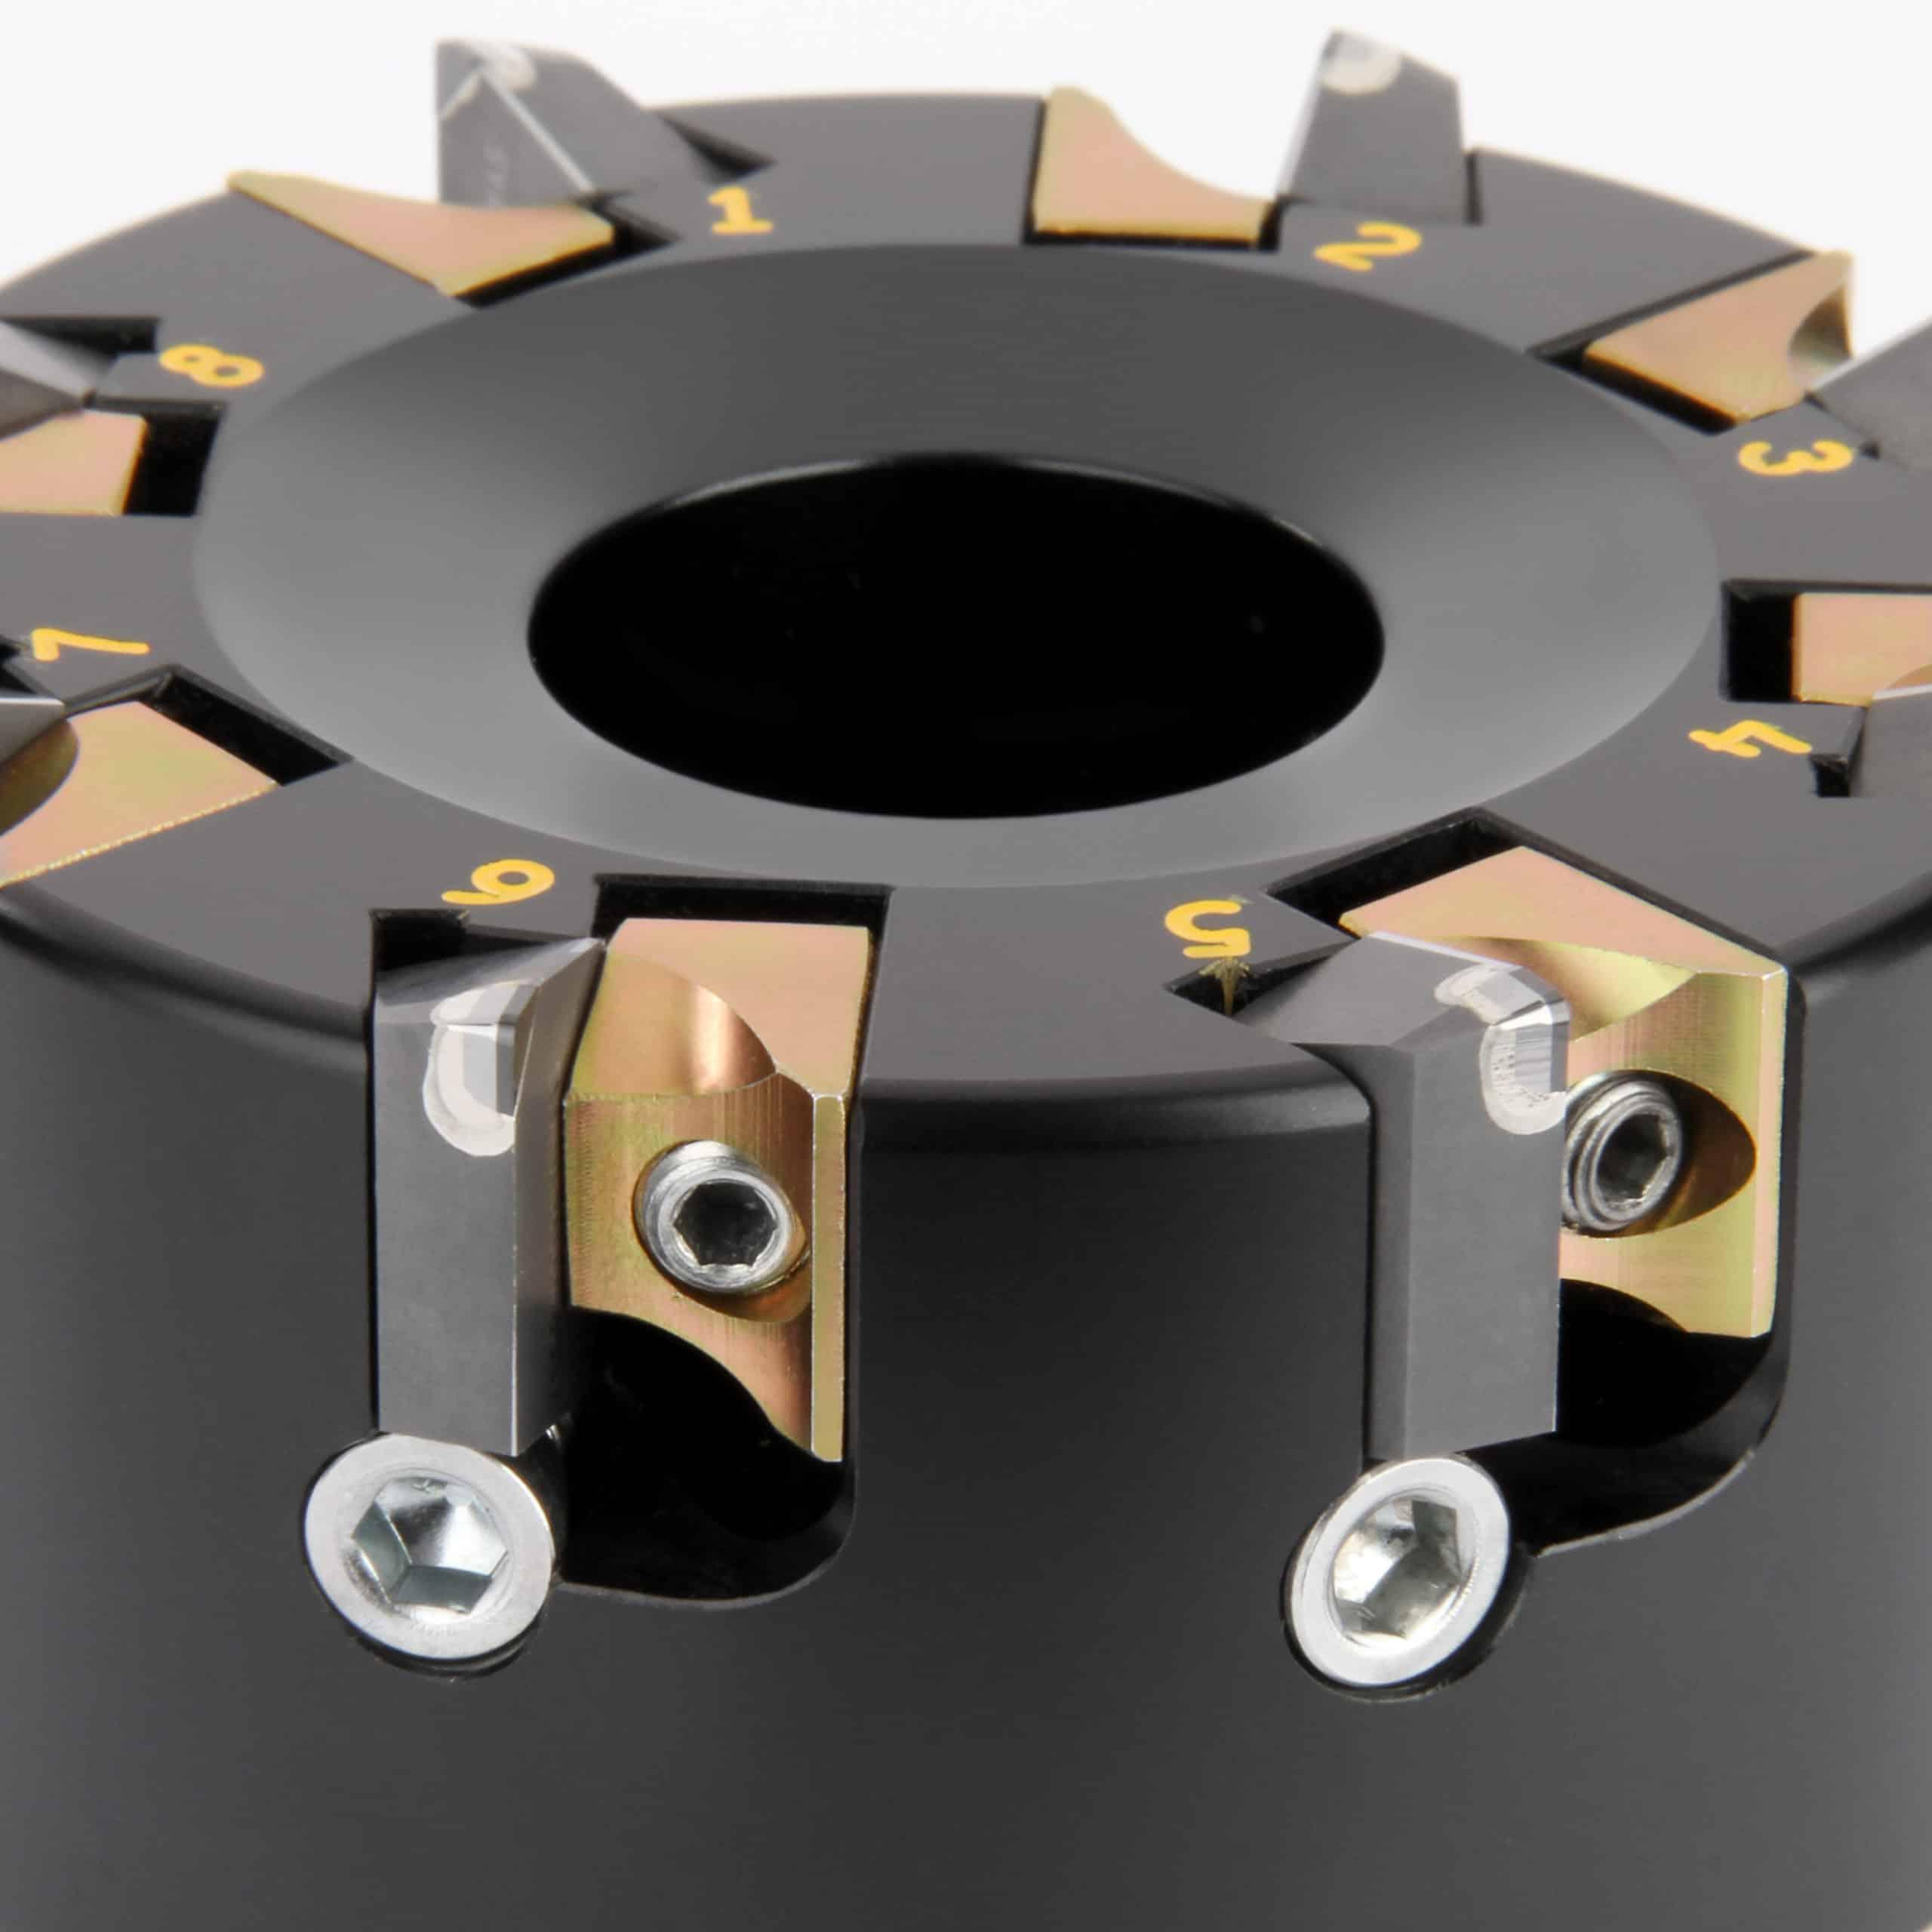 Die Planfräser der KBDM-Baureihe sind in Standardgrößen von 63-200 mm ab Lager verfügbar. Auf Anforderung können Werkzeuge bis 550 mm Durchmesser gefertigt werden.